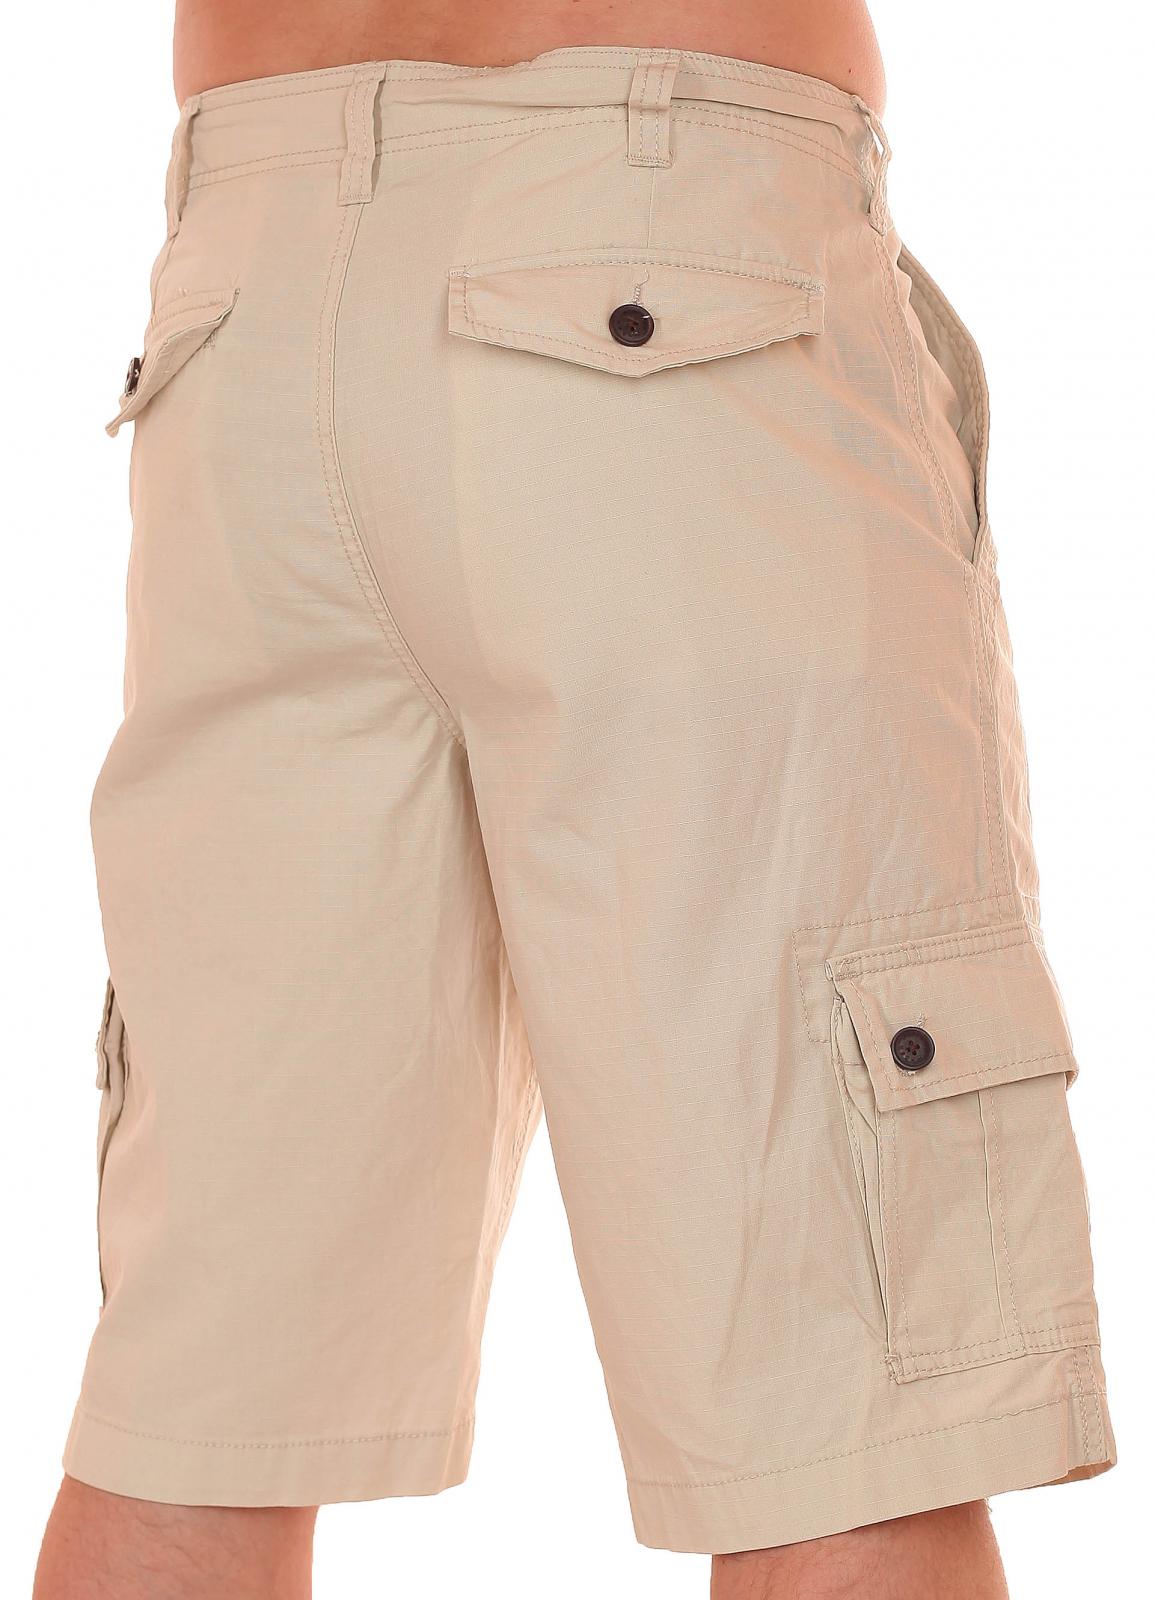 Элегантные светлые шорты Cargo от бренда Urban по лучшей цене